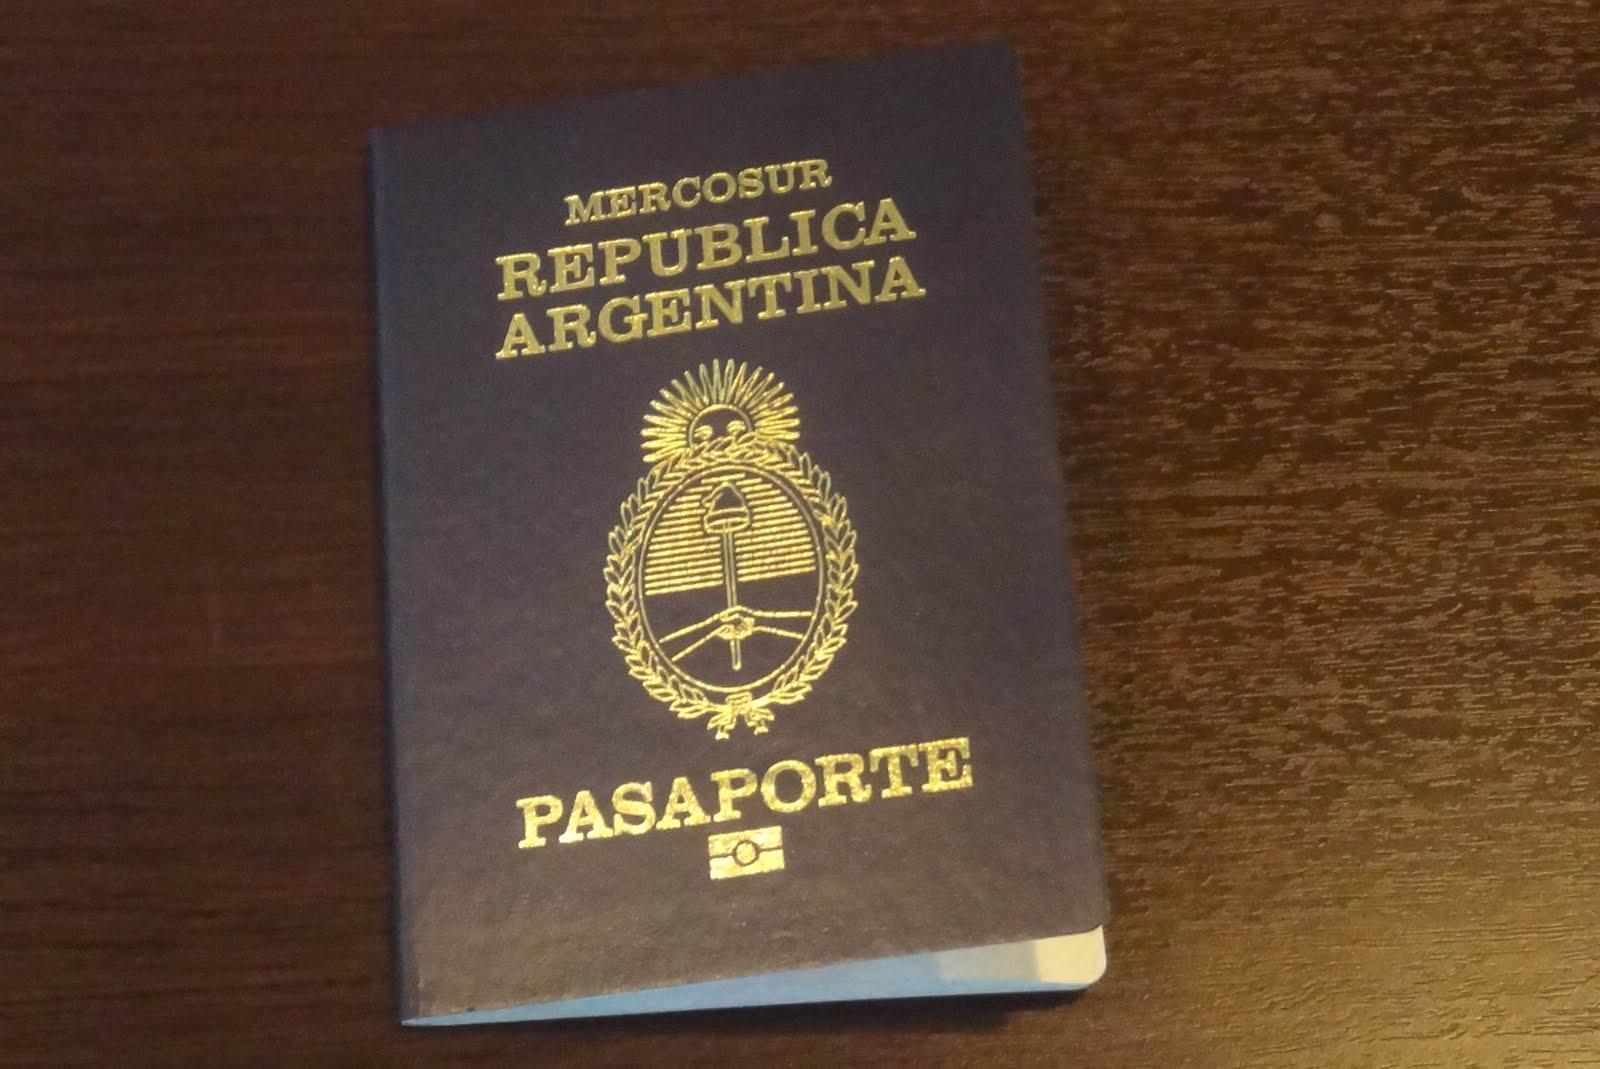 Fotos urgentes para pasaporte df domingo 94